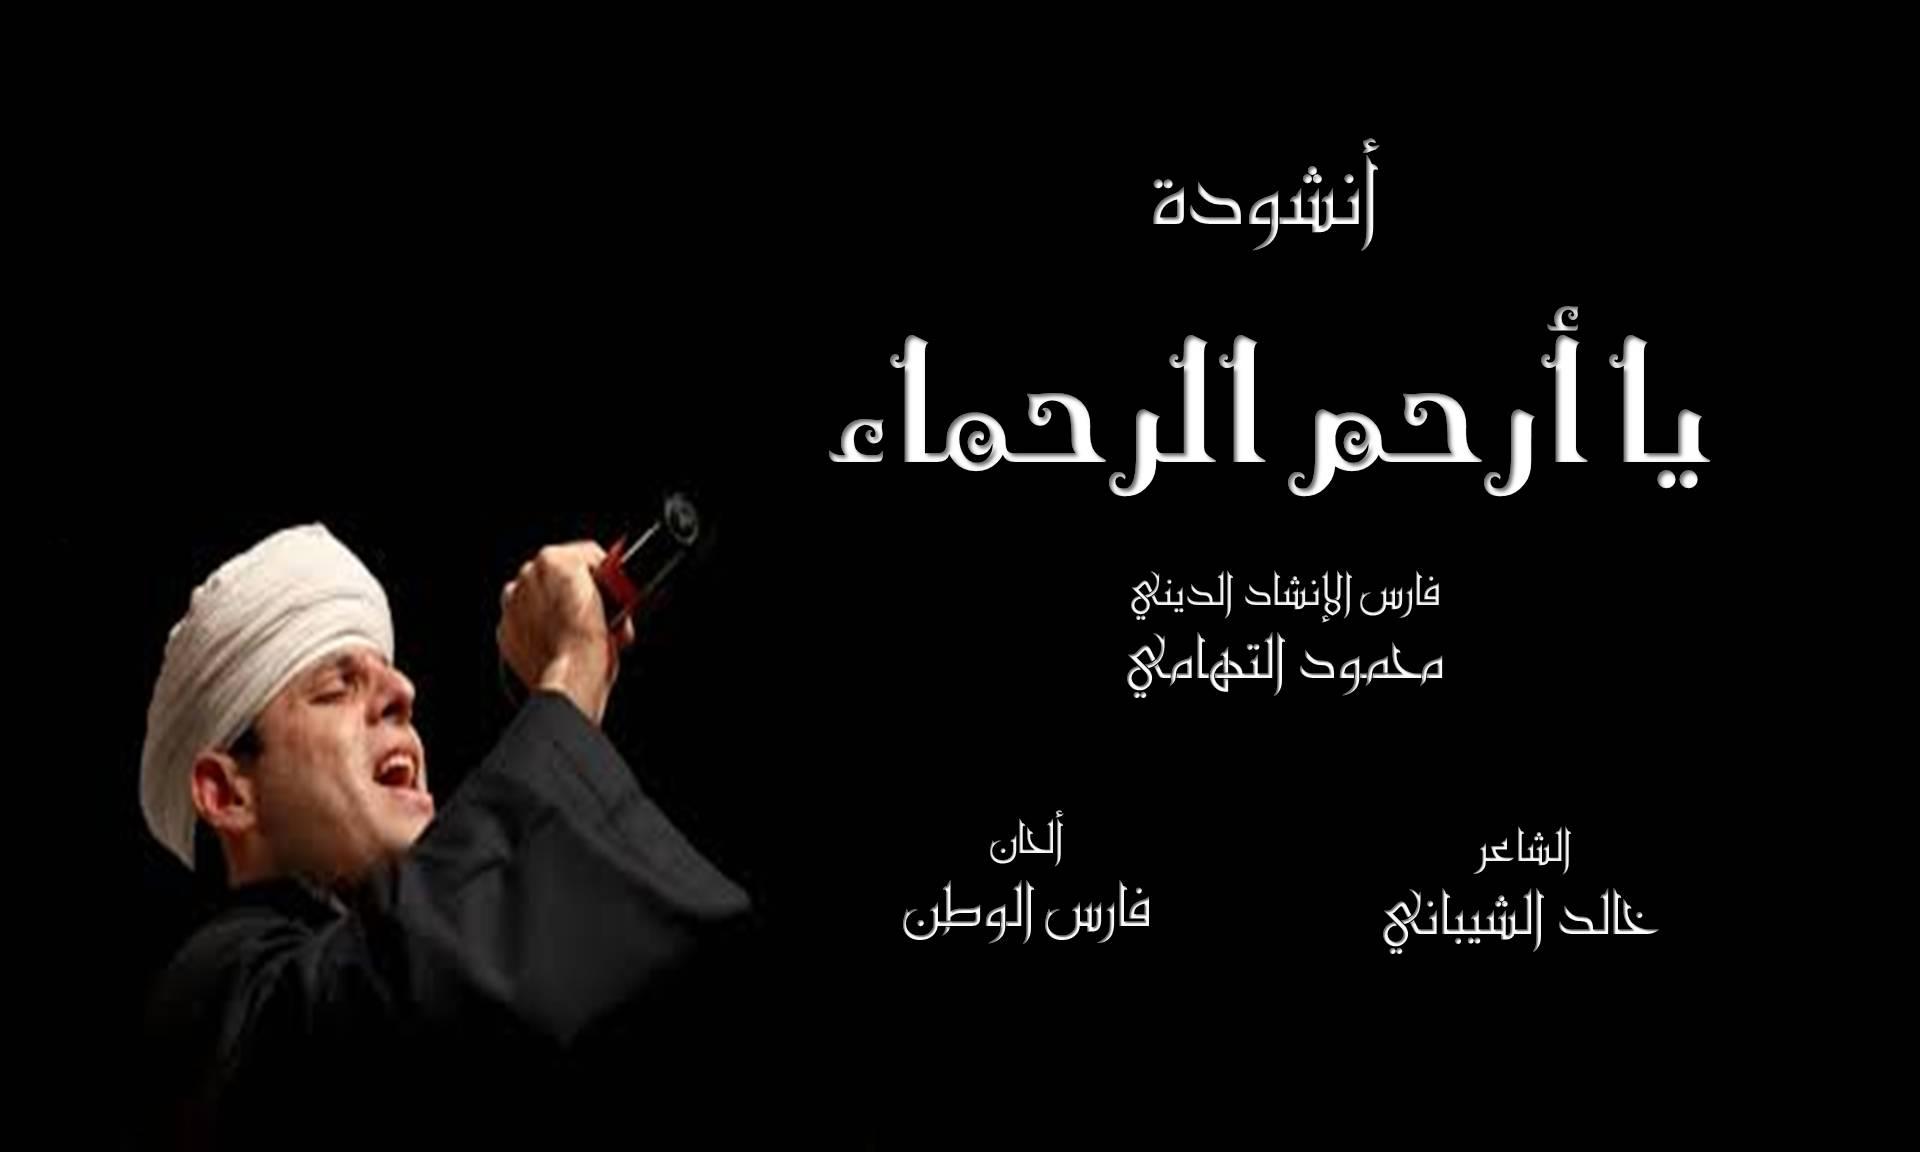 صورة اغانى دينية مصرية , اروع الاغاني الدينية المصرية 4763 1